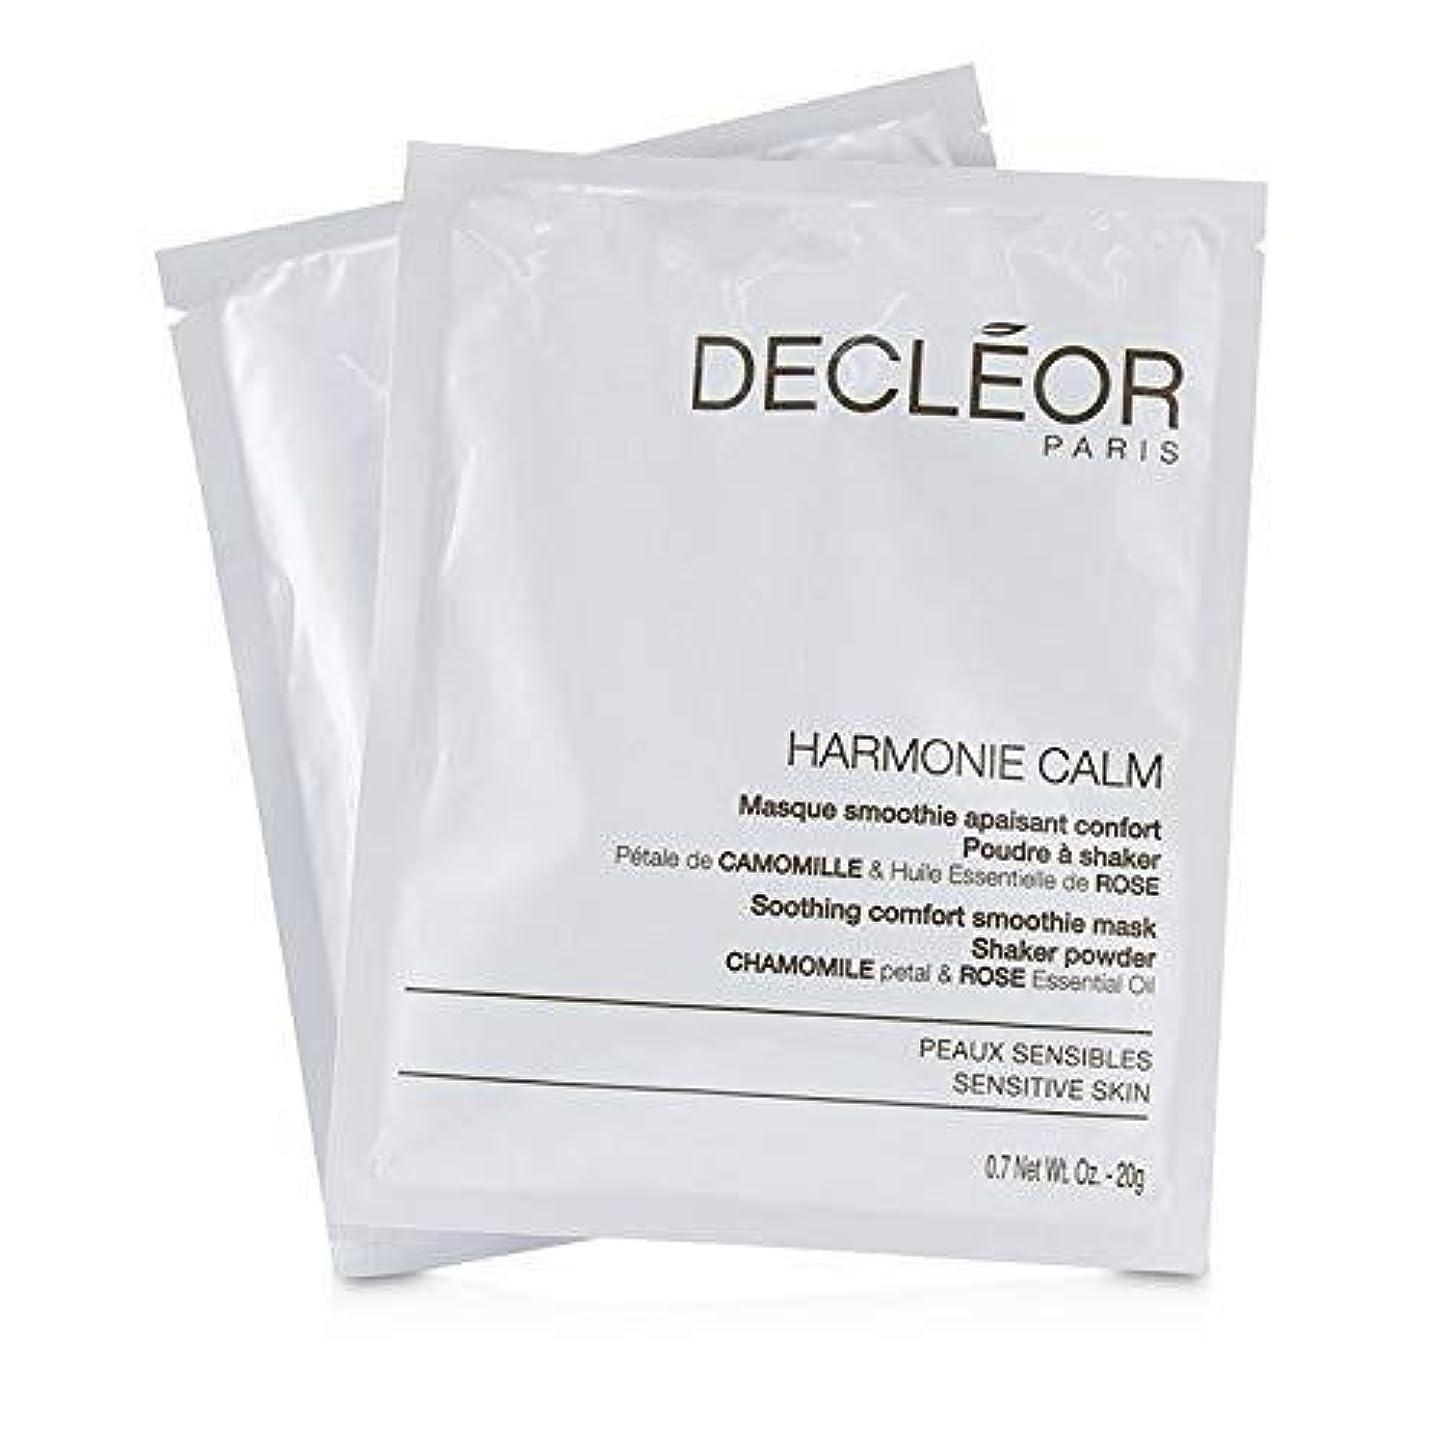 大洪水追放する未接続デクレオール Harmonie Calm Soothing Comfort Smoothie Mask Shaker Powder - For Sensitive Skin (Salon Product) 5x20g/0.7oz...